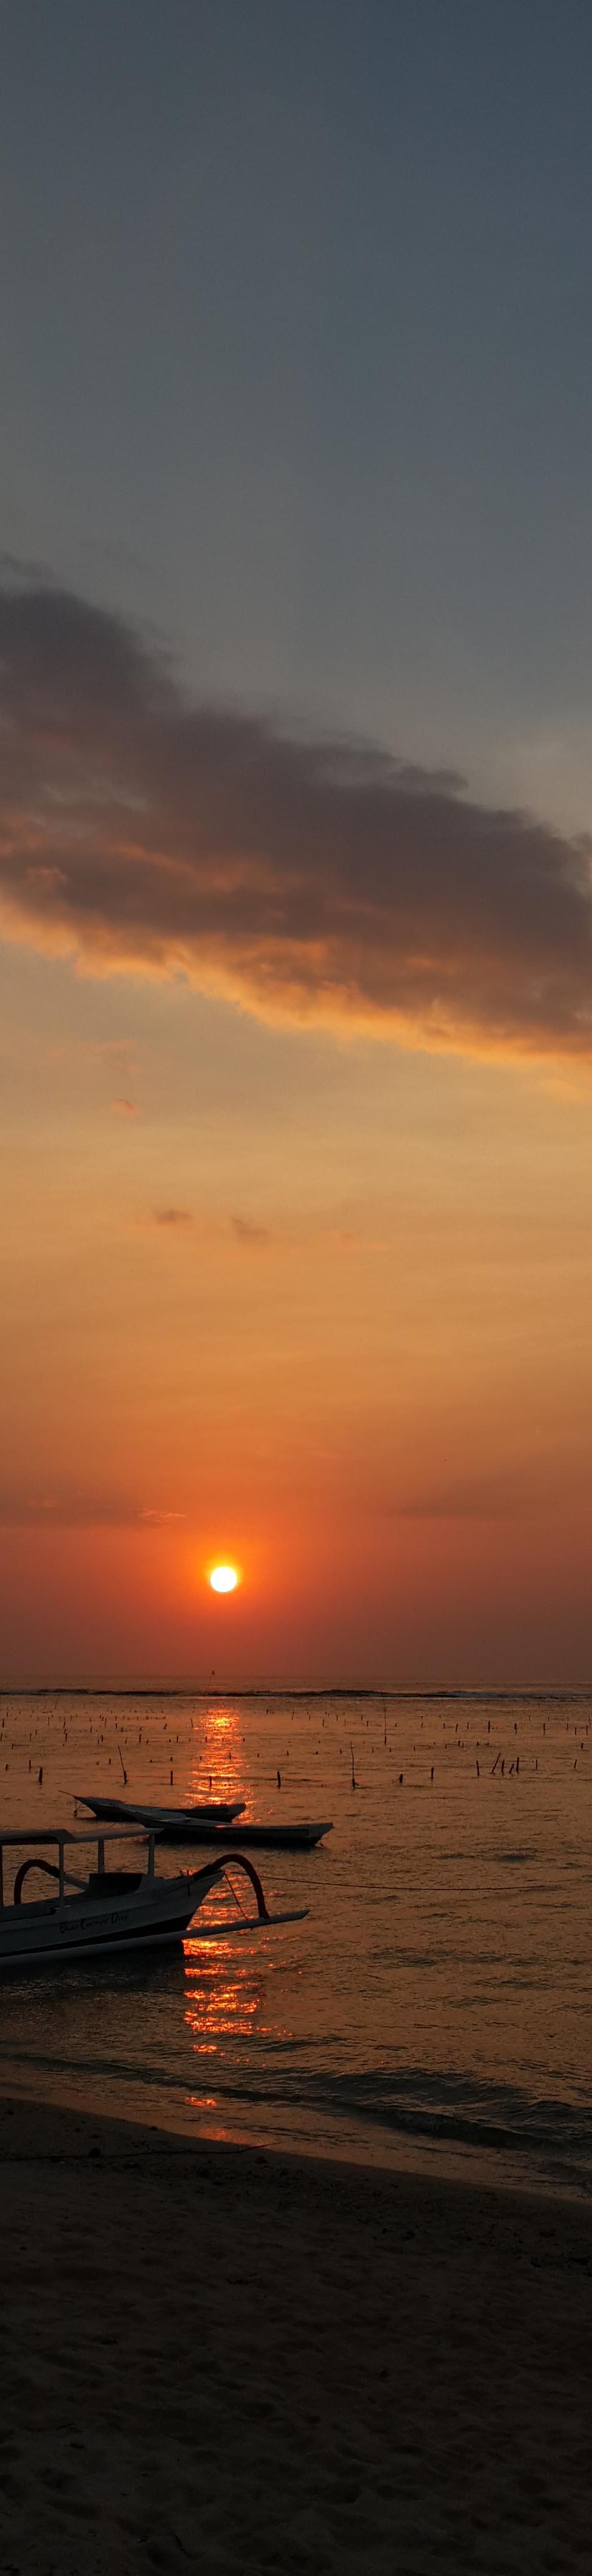 vertical sunset.jpg